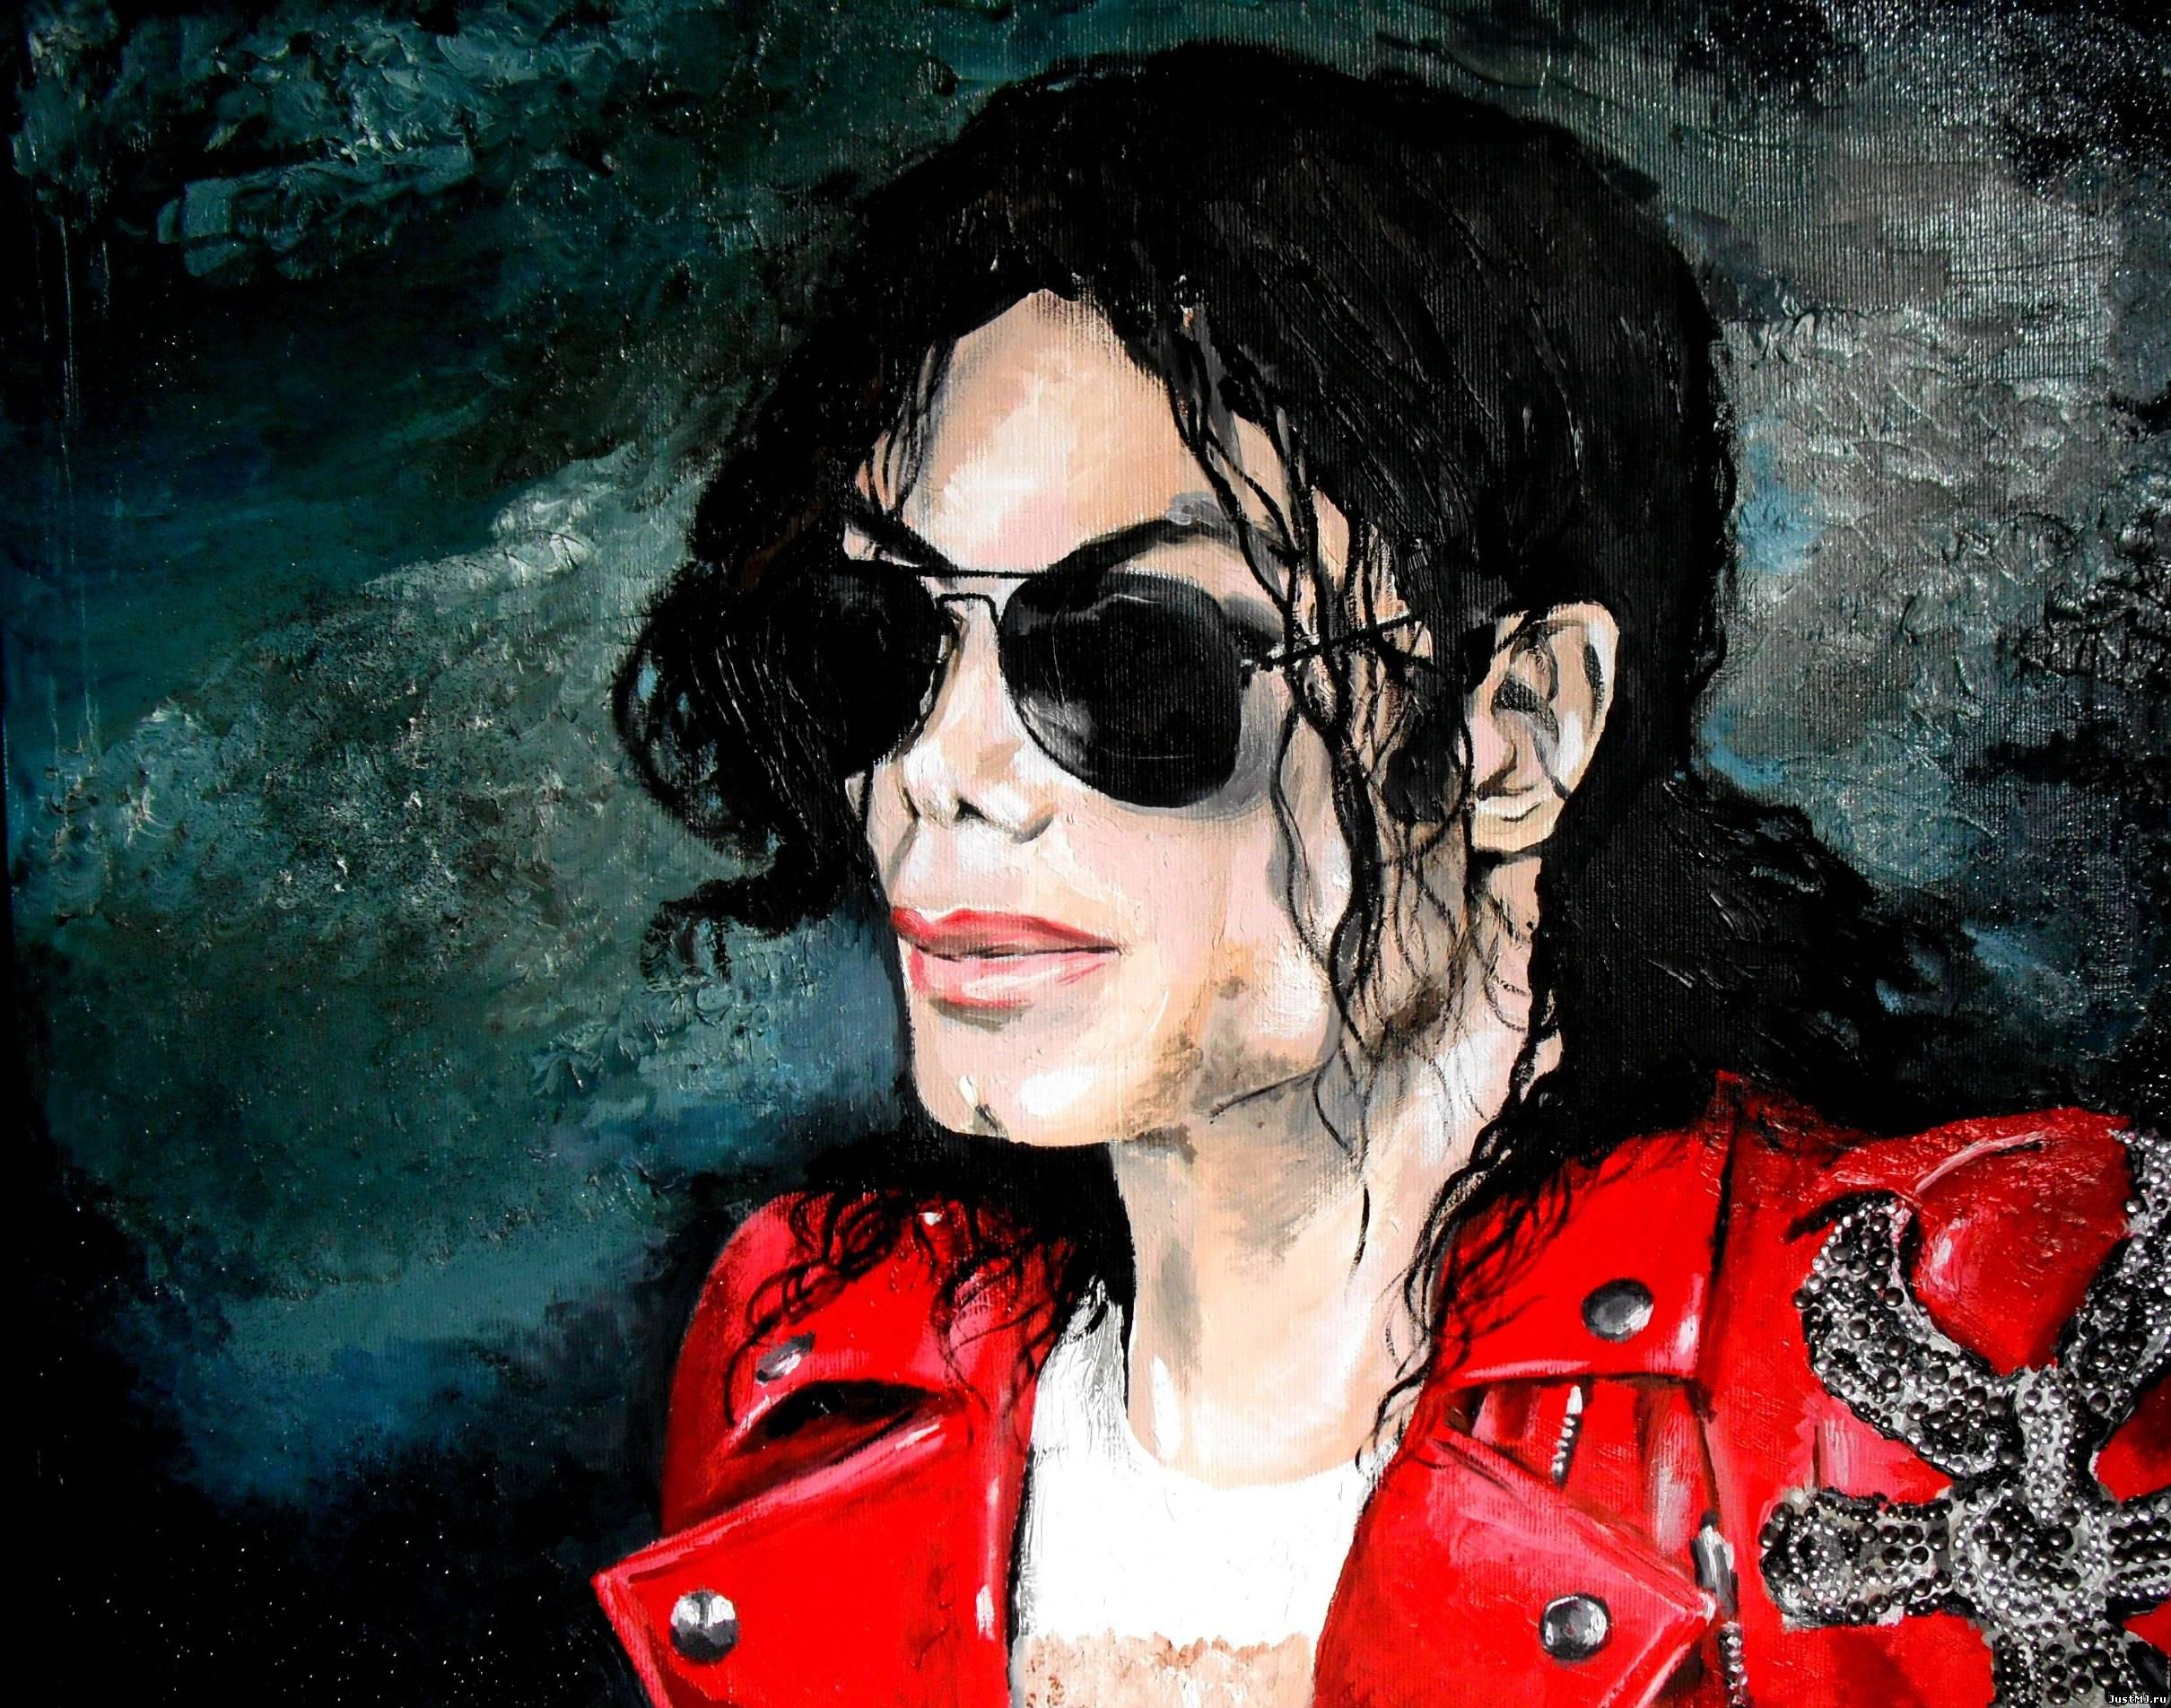 Michael Modo Artistico - Pagina 3 258156433